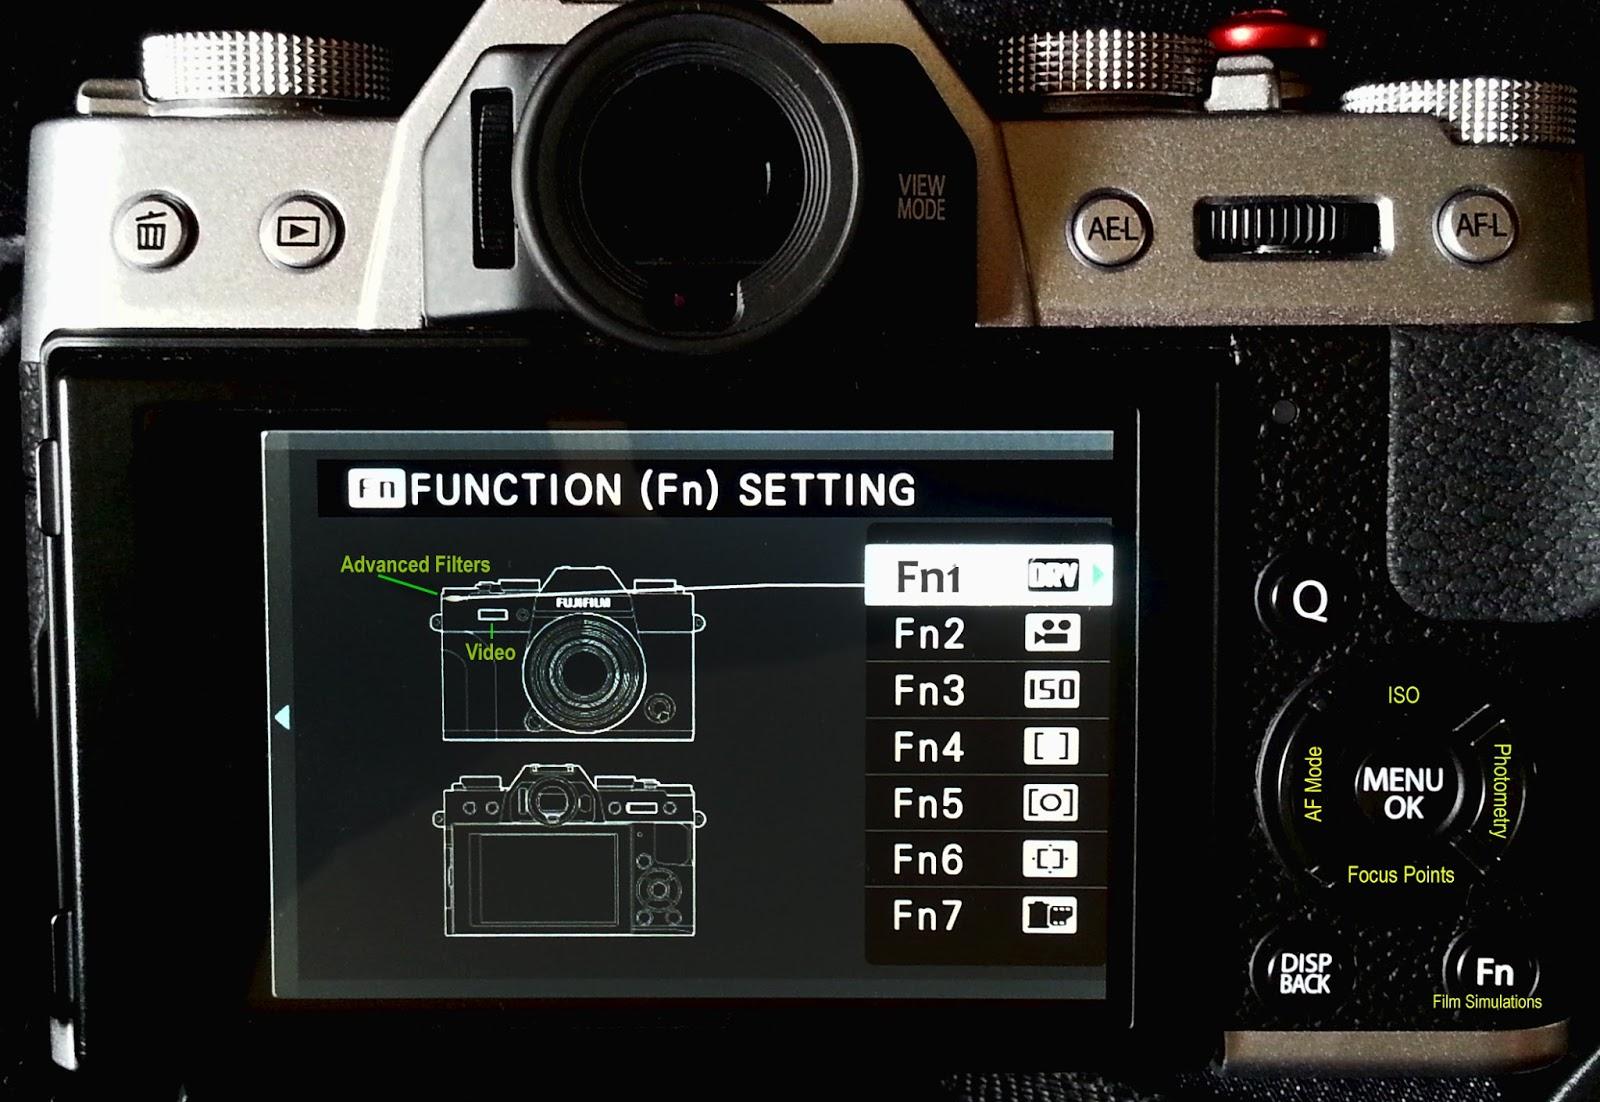 XT 10 FN Button Set Up